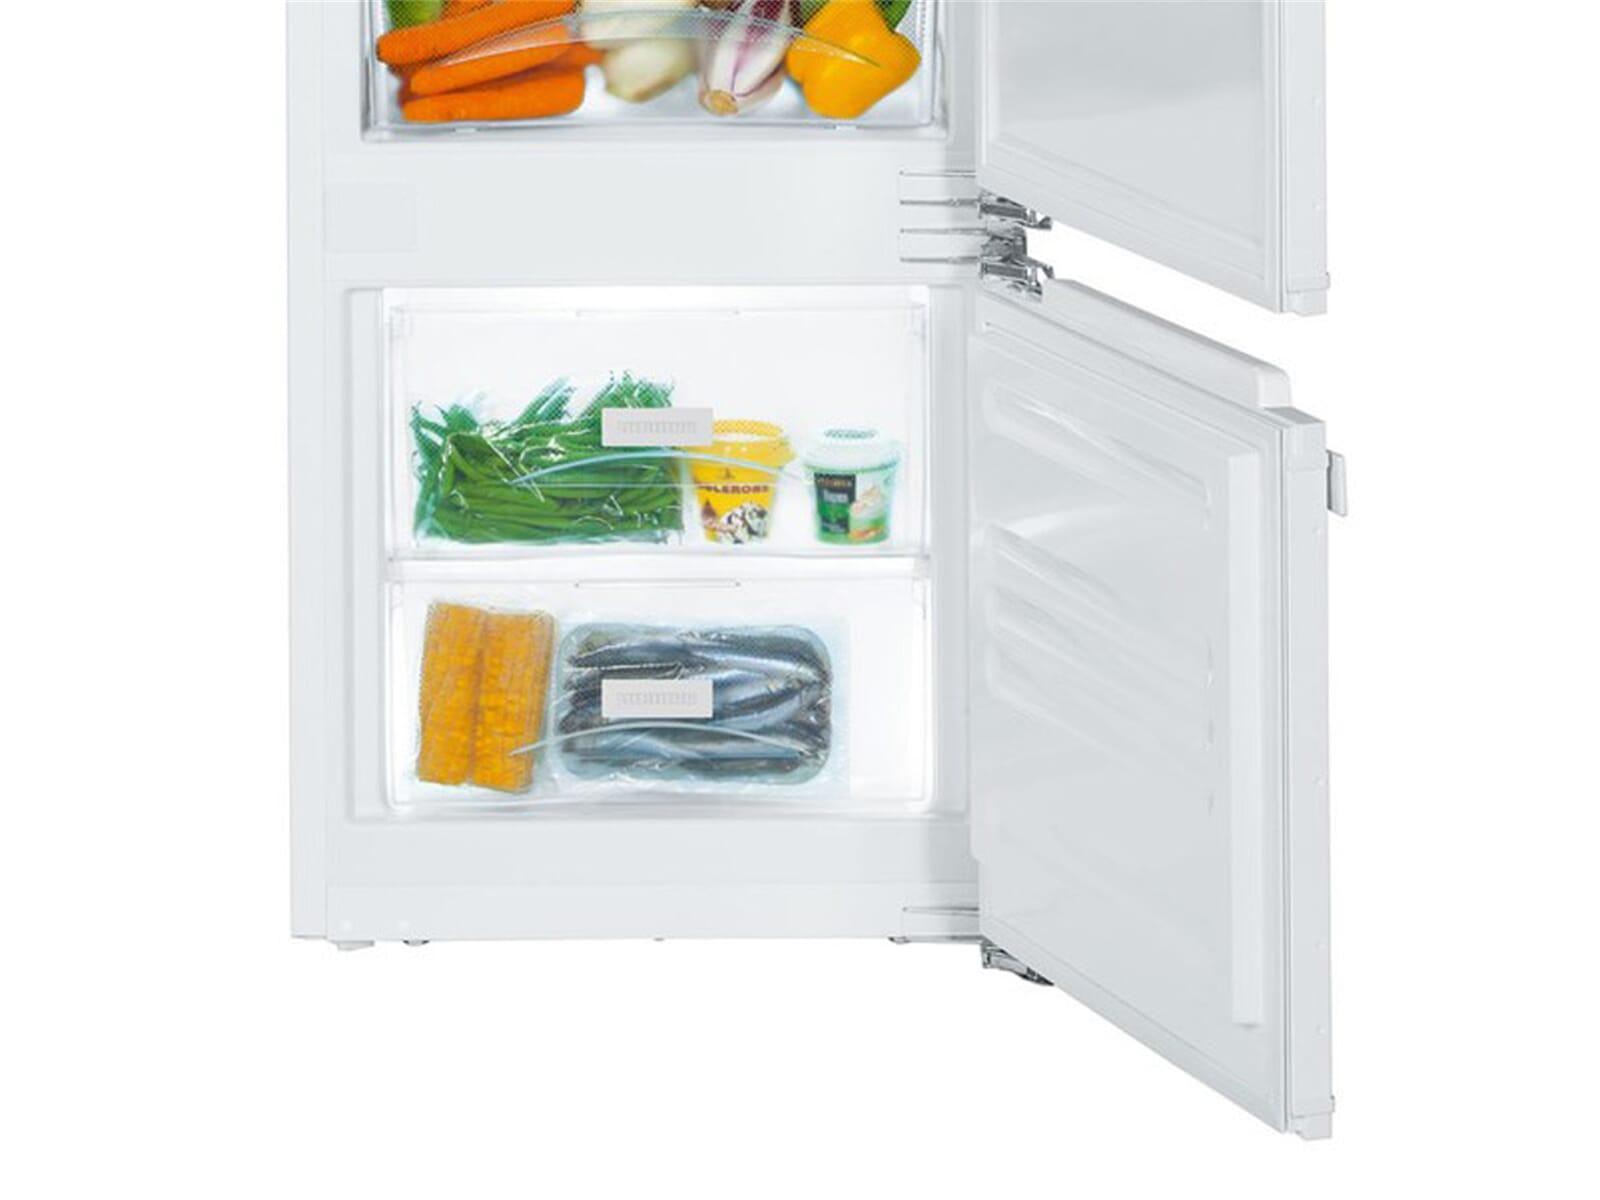 Siemens Kühlschrank Ohne Gefrierfach Einbau : Liebherr icp 2924 comfort einbau kühl gefrierkombination a